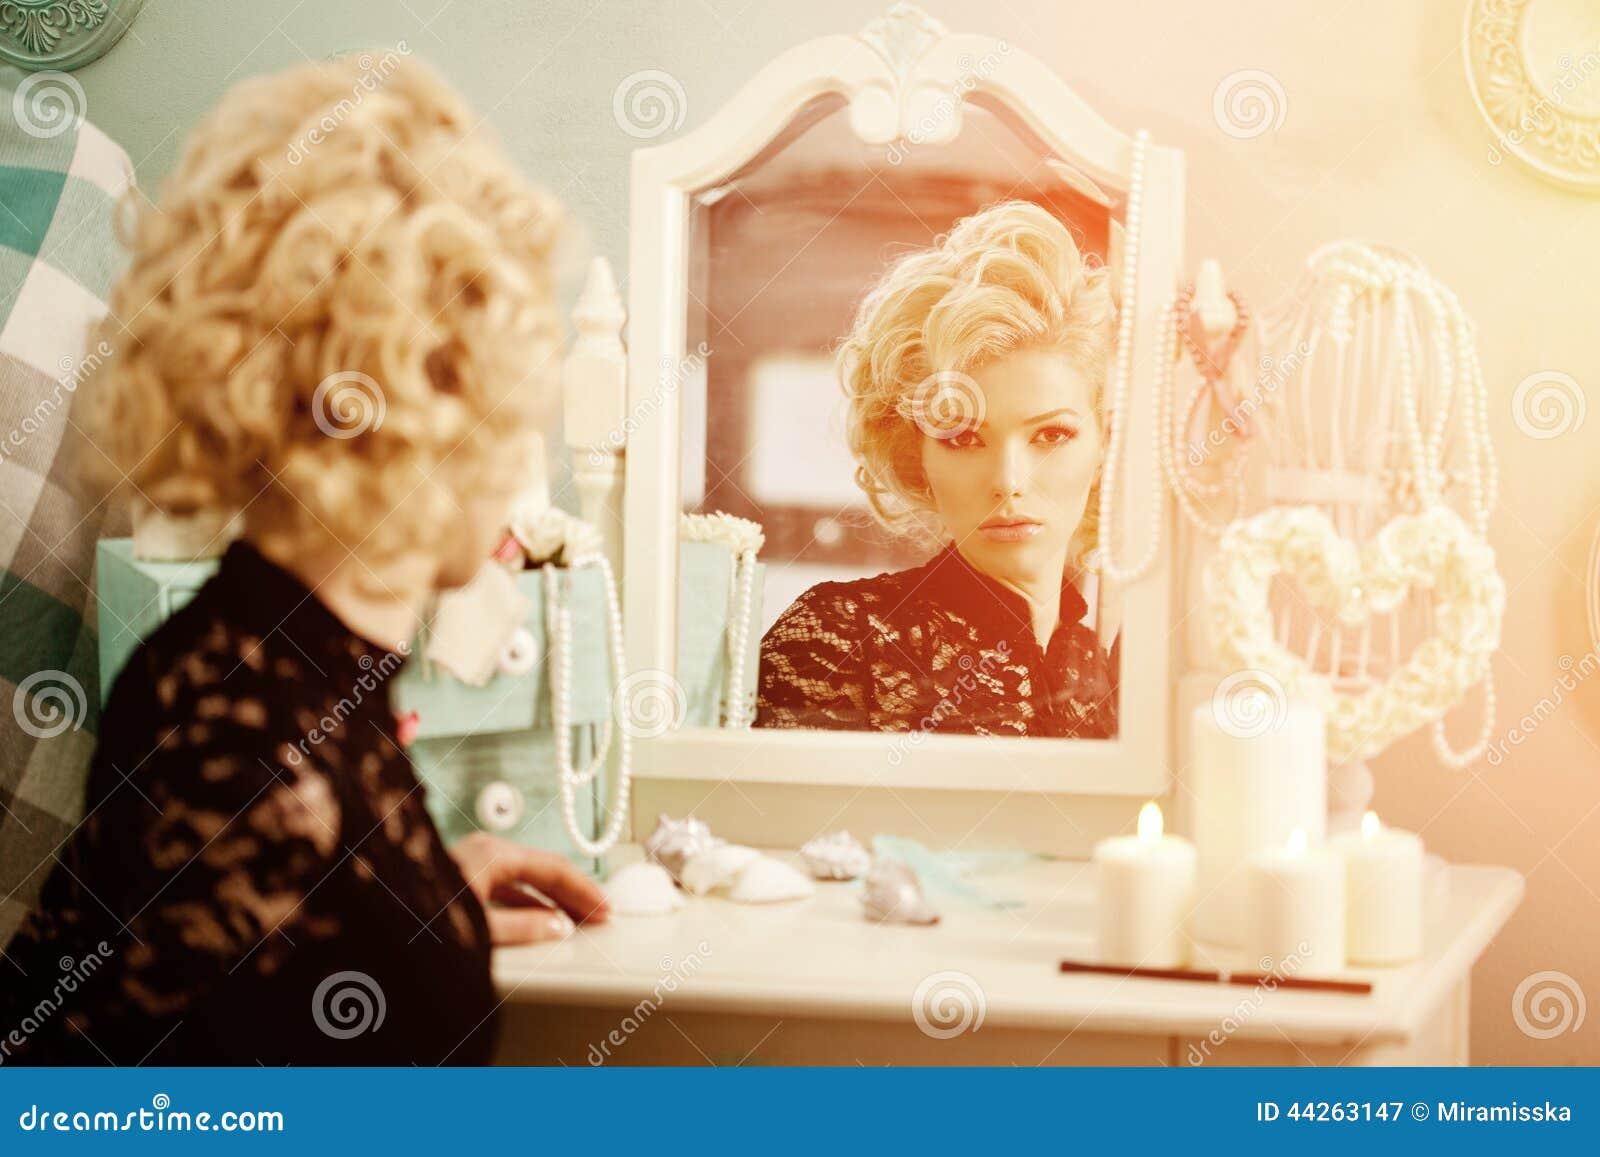 beauty rich luxury woman like marilyn monroe  beautiful